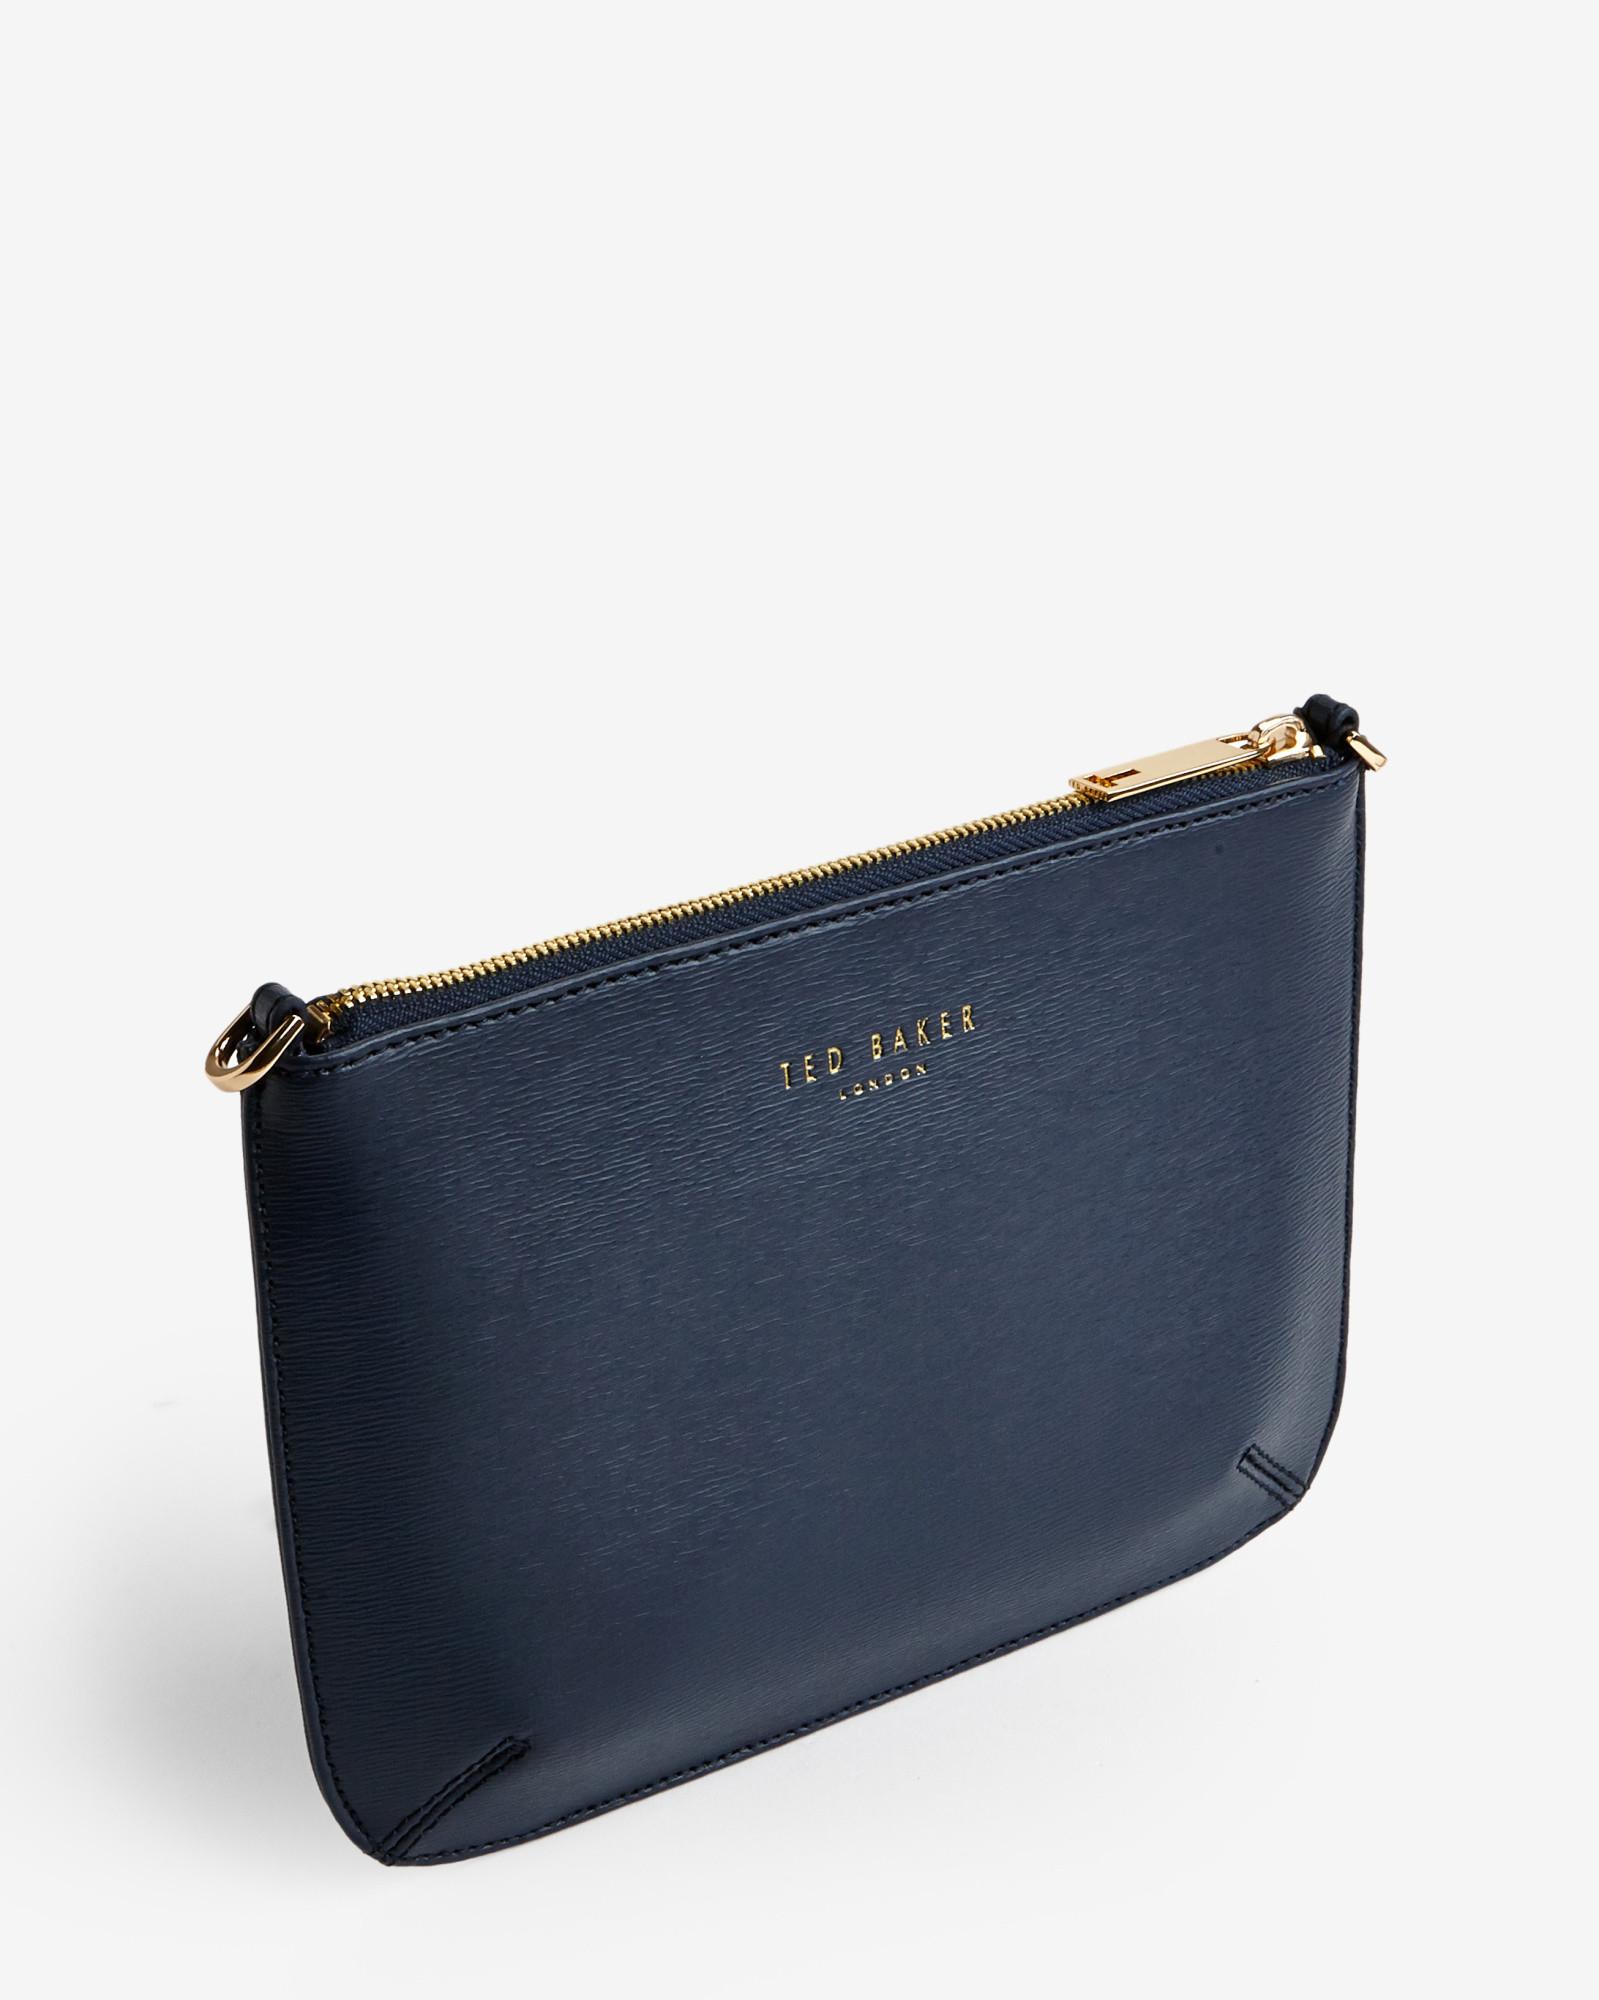 fa51c0f3366bd Lyst - Ted Baker Crosshatch Clutch Bag in Blue